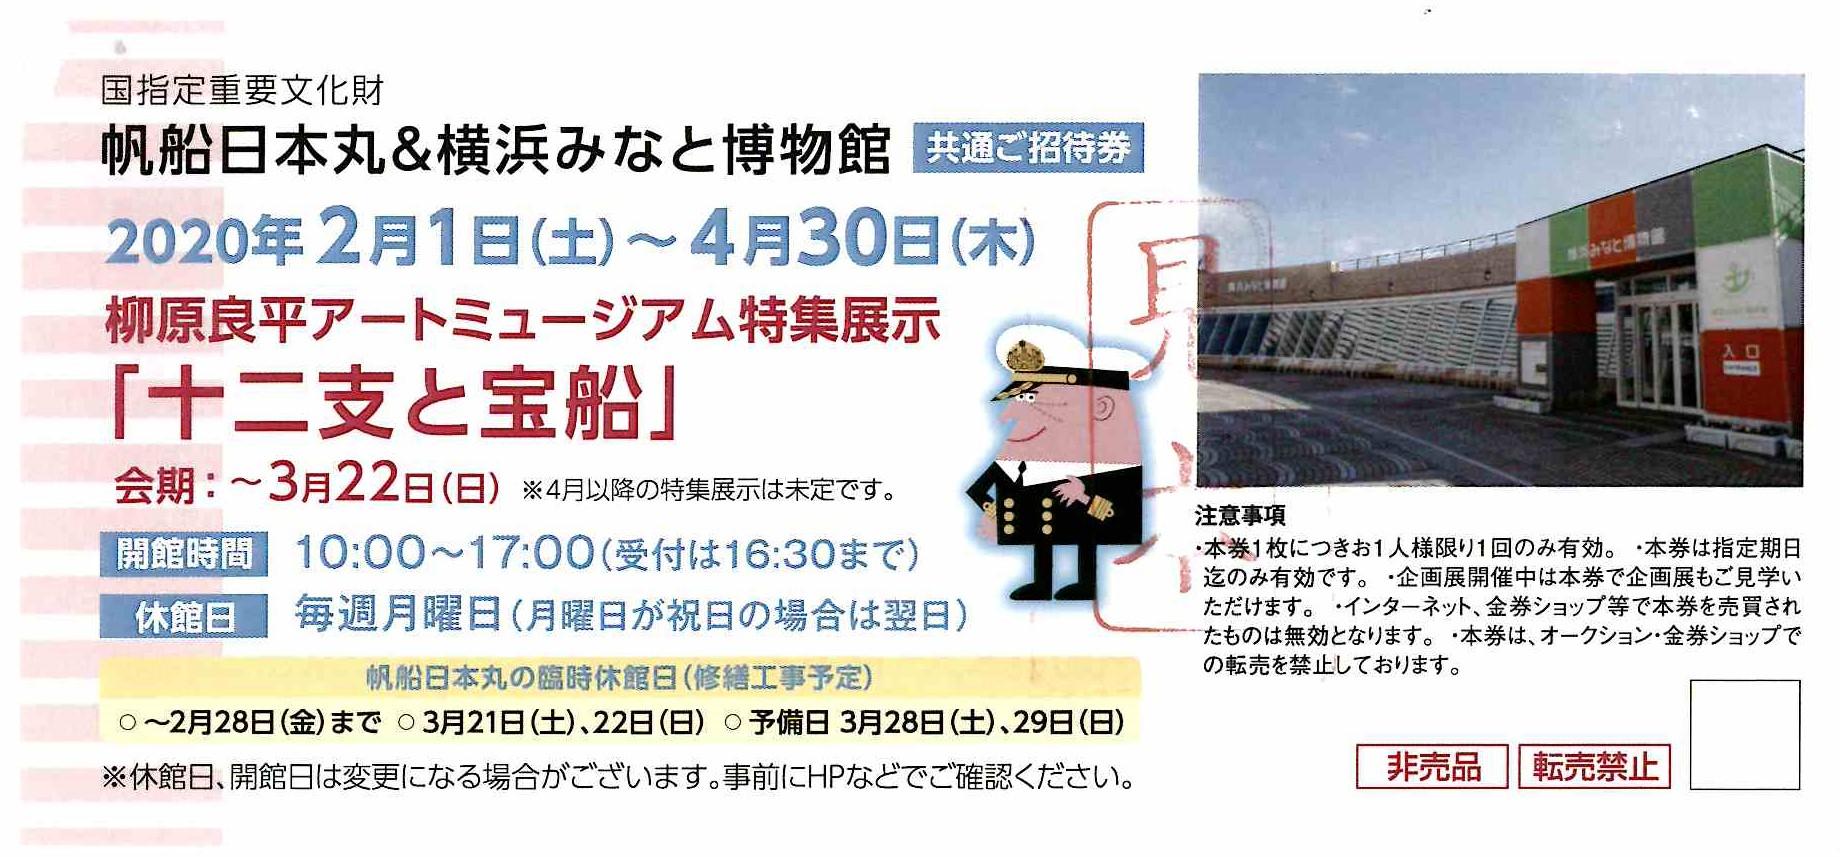 朝日新聞招待券